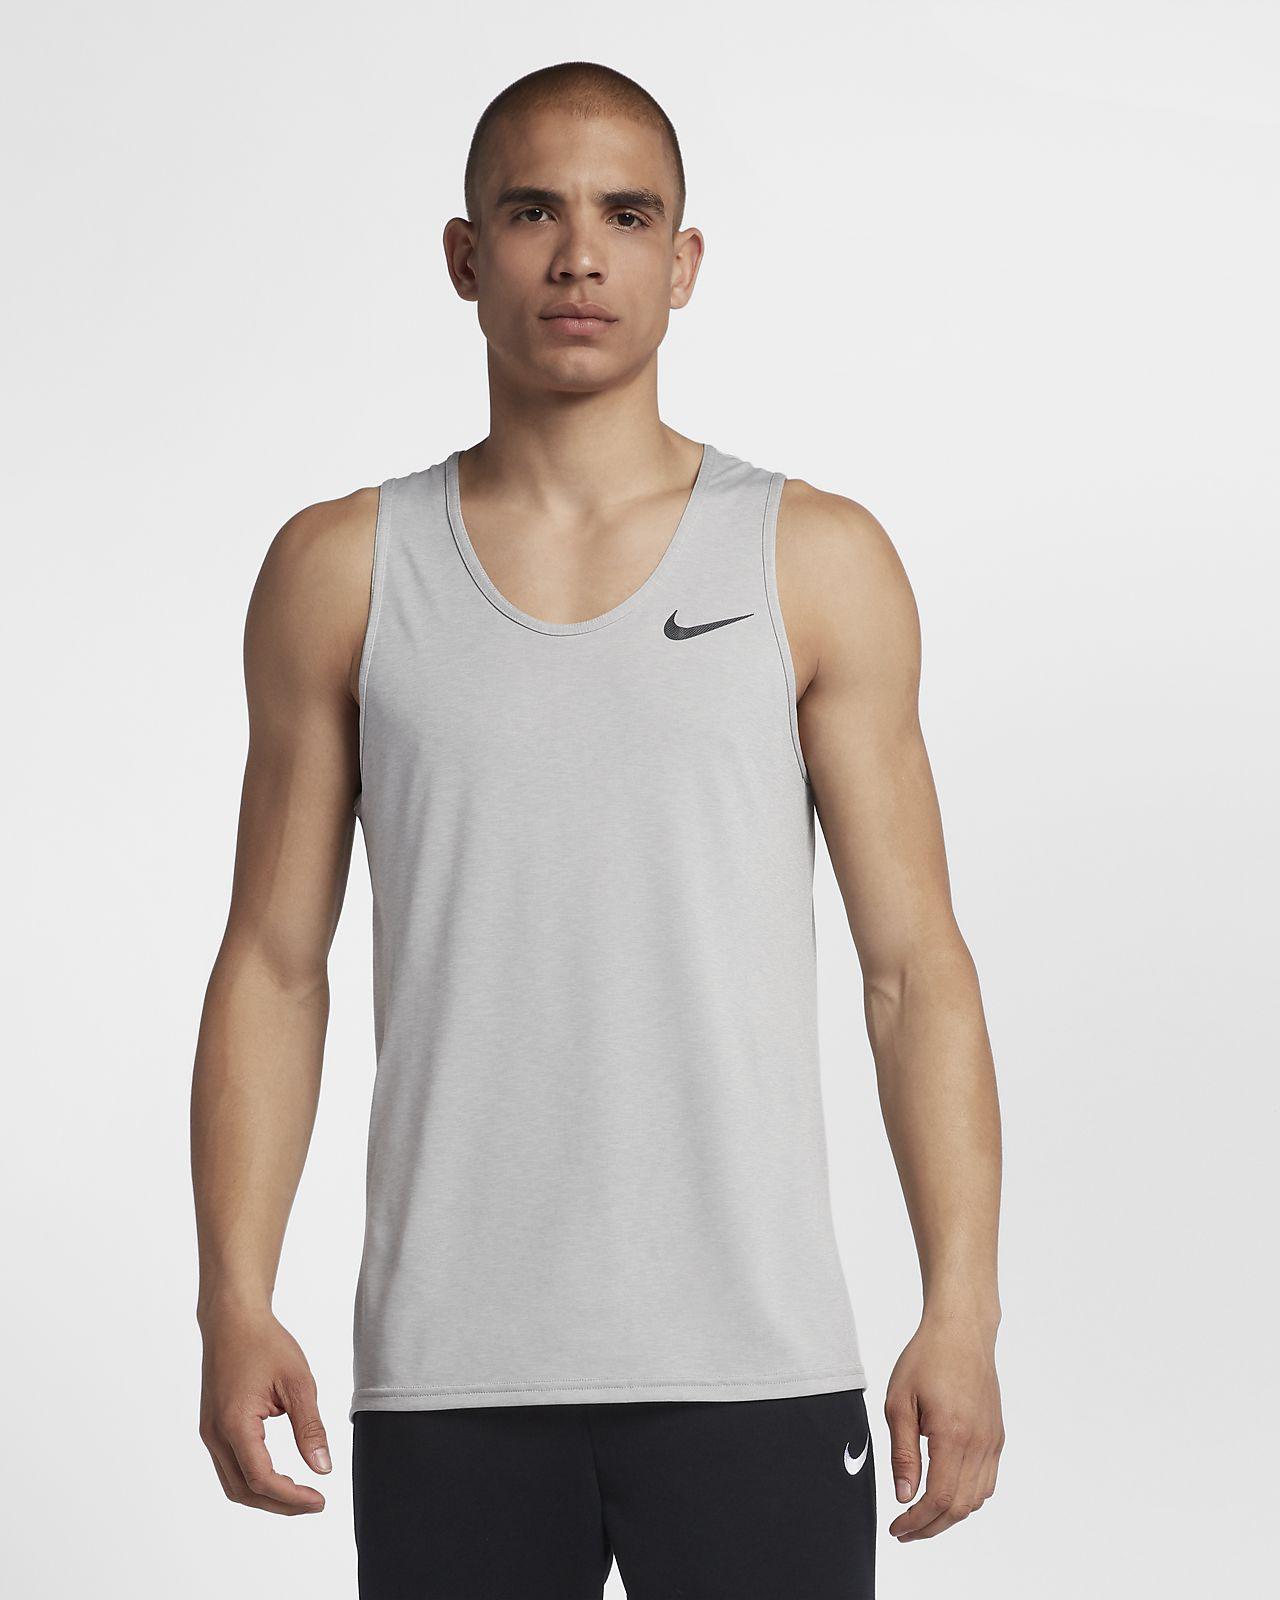 d36fe527d6 Camiseta de tirantes de entrenamiento para hombre Nike Breathe. Nike ...